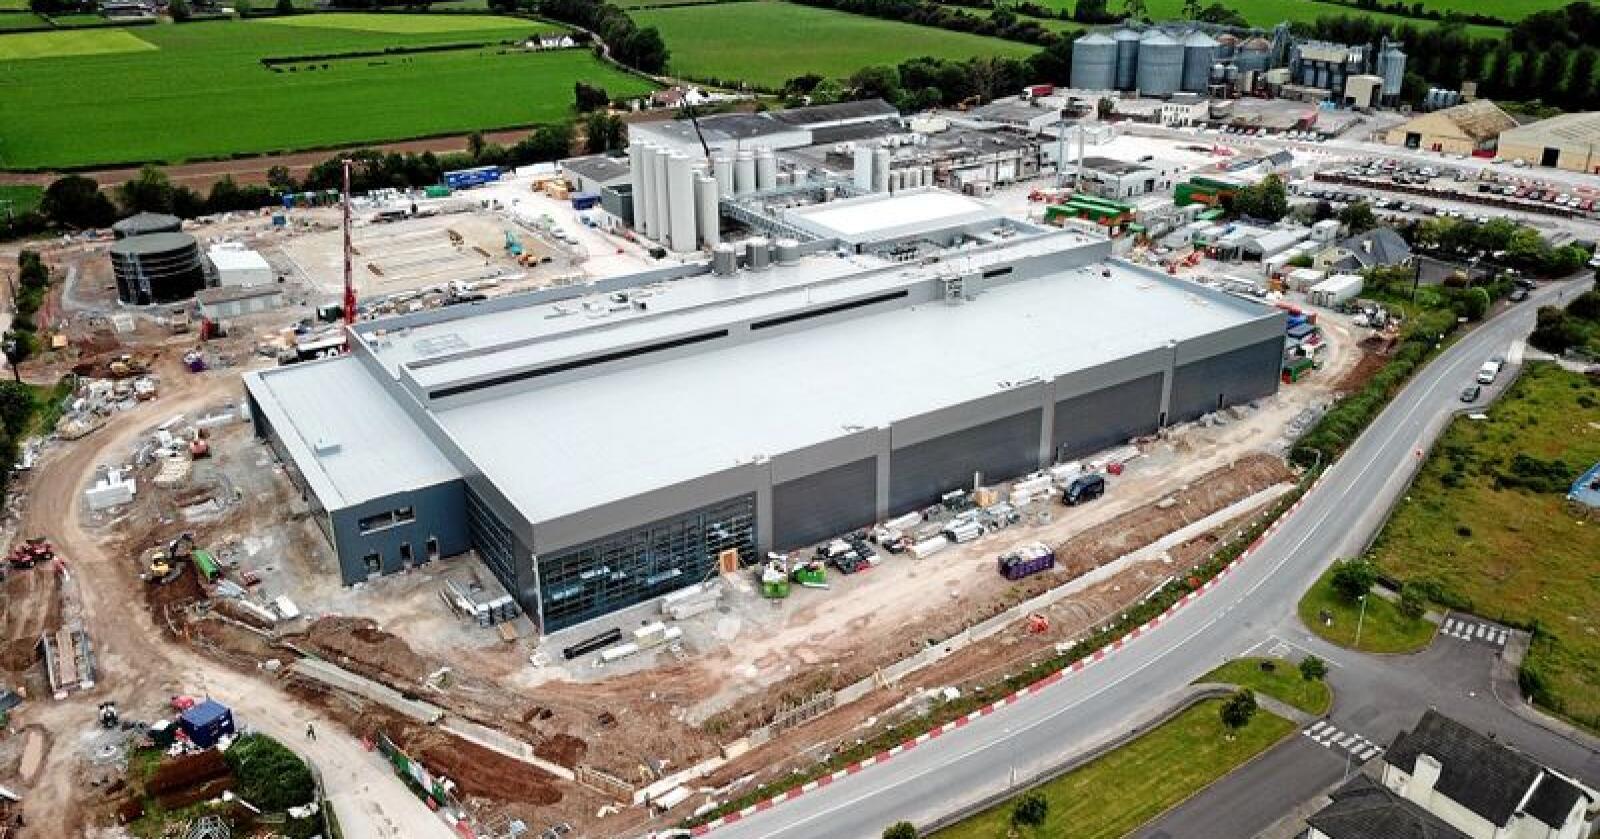 Tines Jarlsberg-fabrikk i Irland, Tine Mogeely, er snart klart til bruk. Foto: Tine